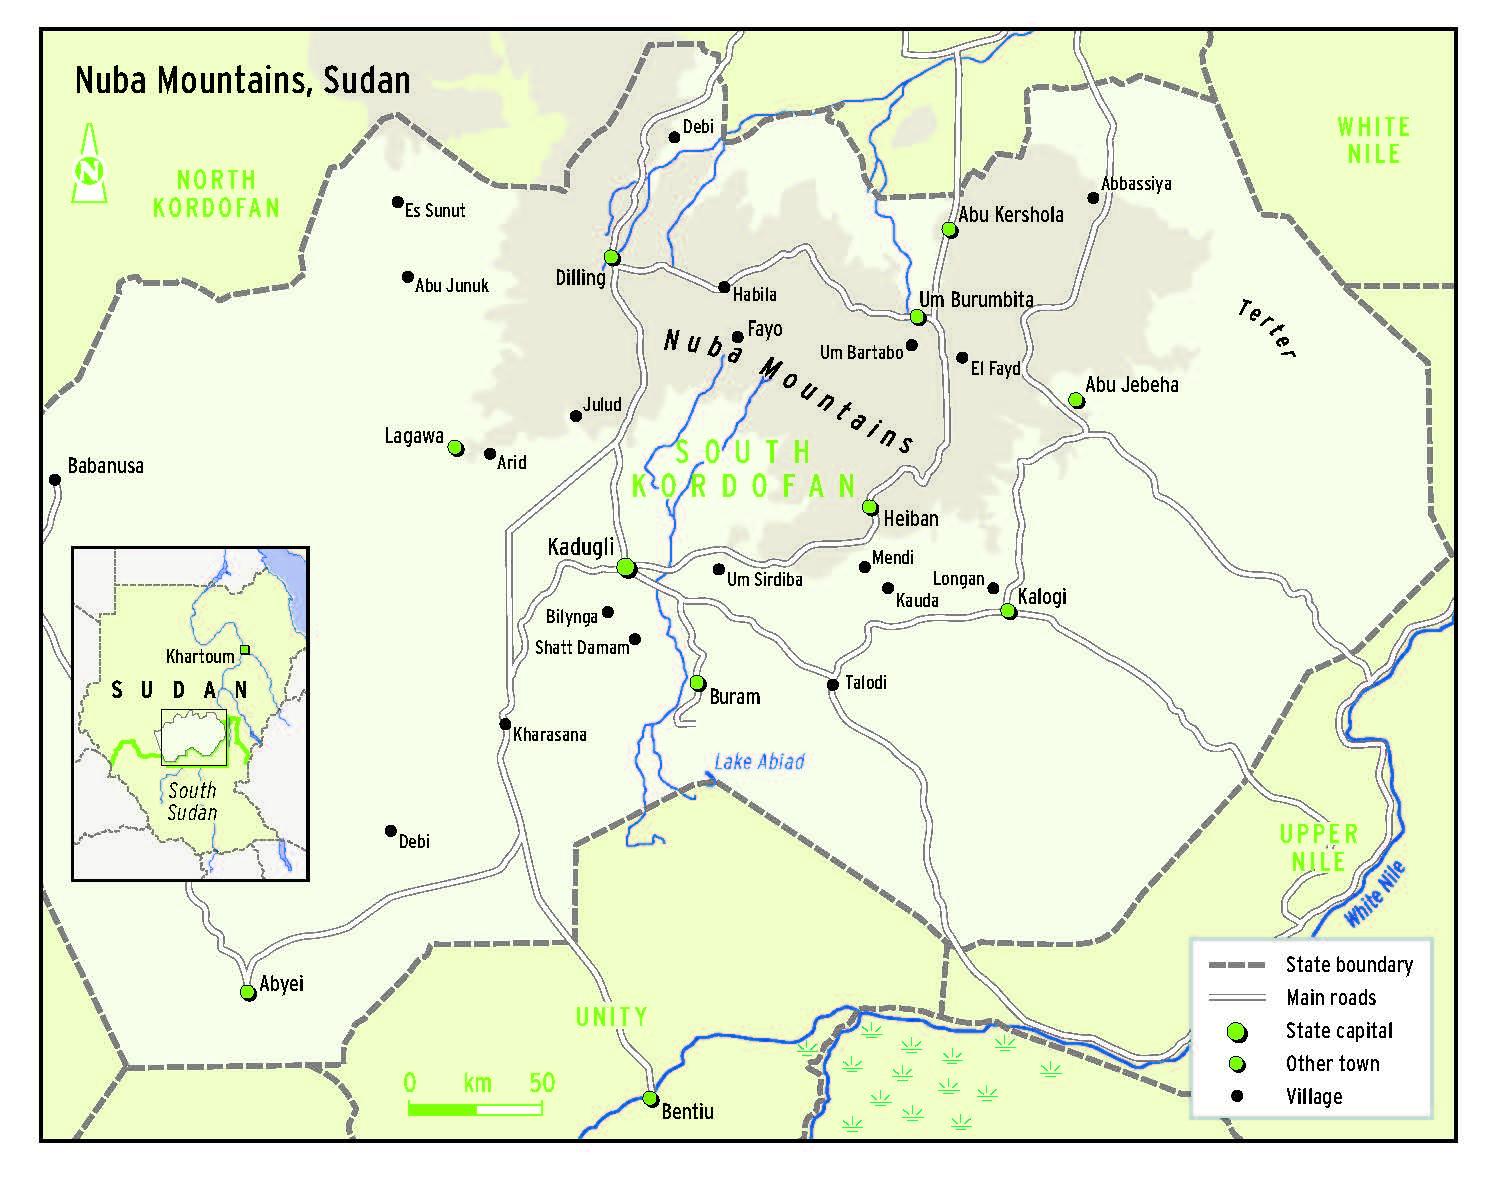 (مشروع مسح الأسلحة الصغيرة، الخريطة من إعداد مابغرافيكس   MAPgrafix  )